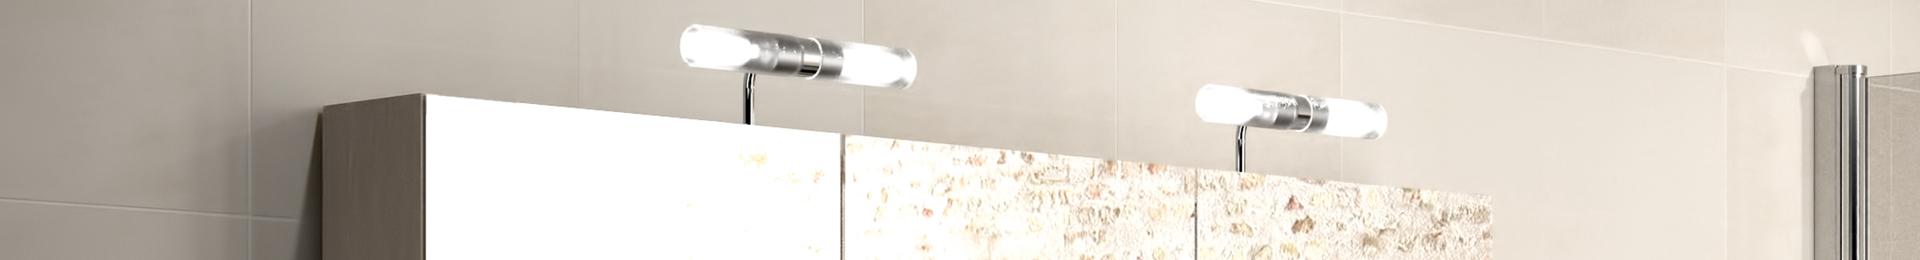 armoire de toilette miroir de salle de bain luminaires aquarine. Black Bedroom Furniture Sets. Home Design Ideas